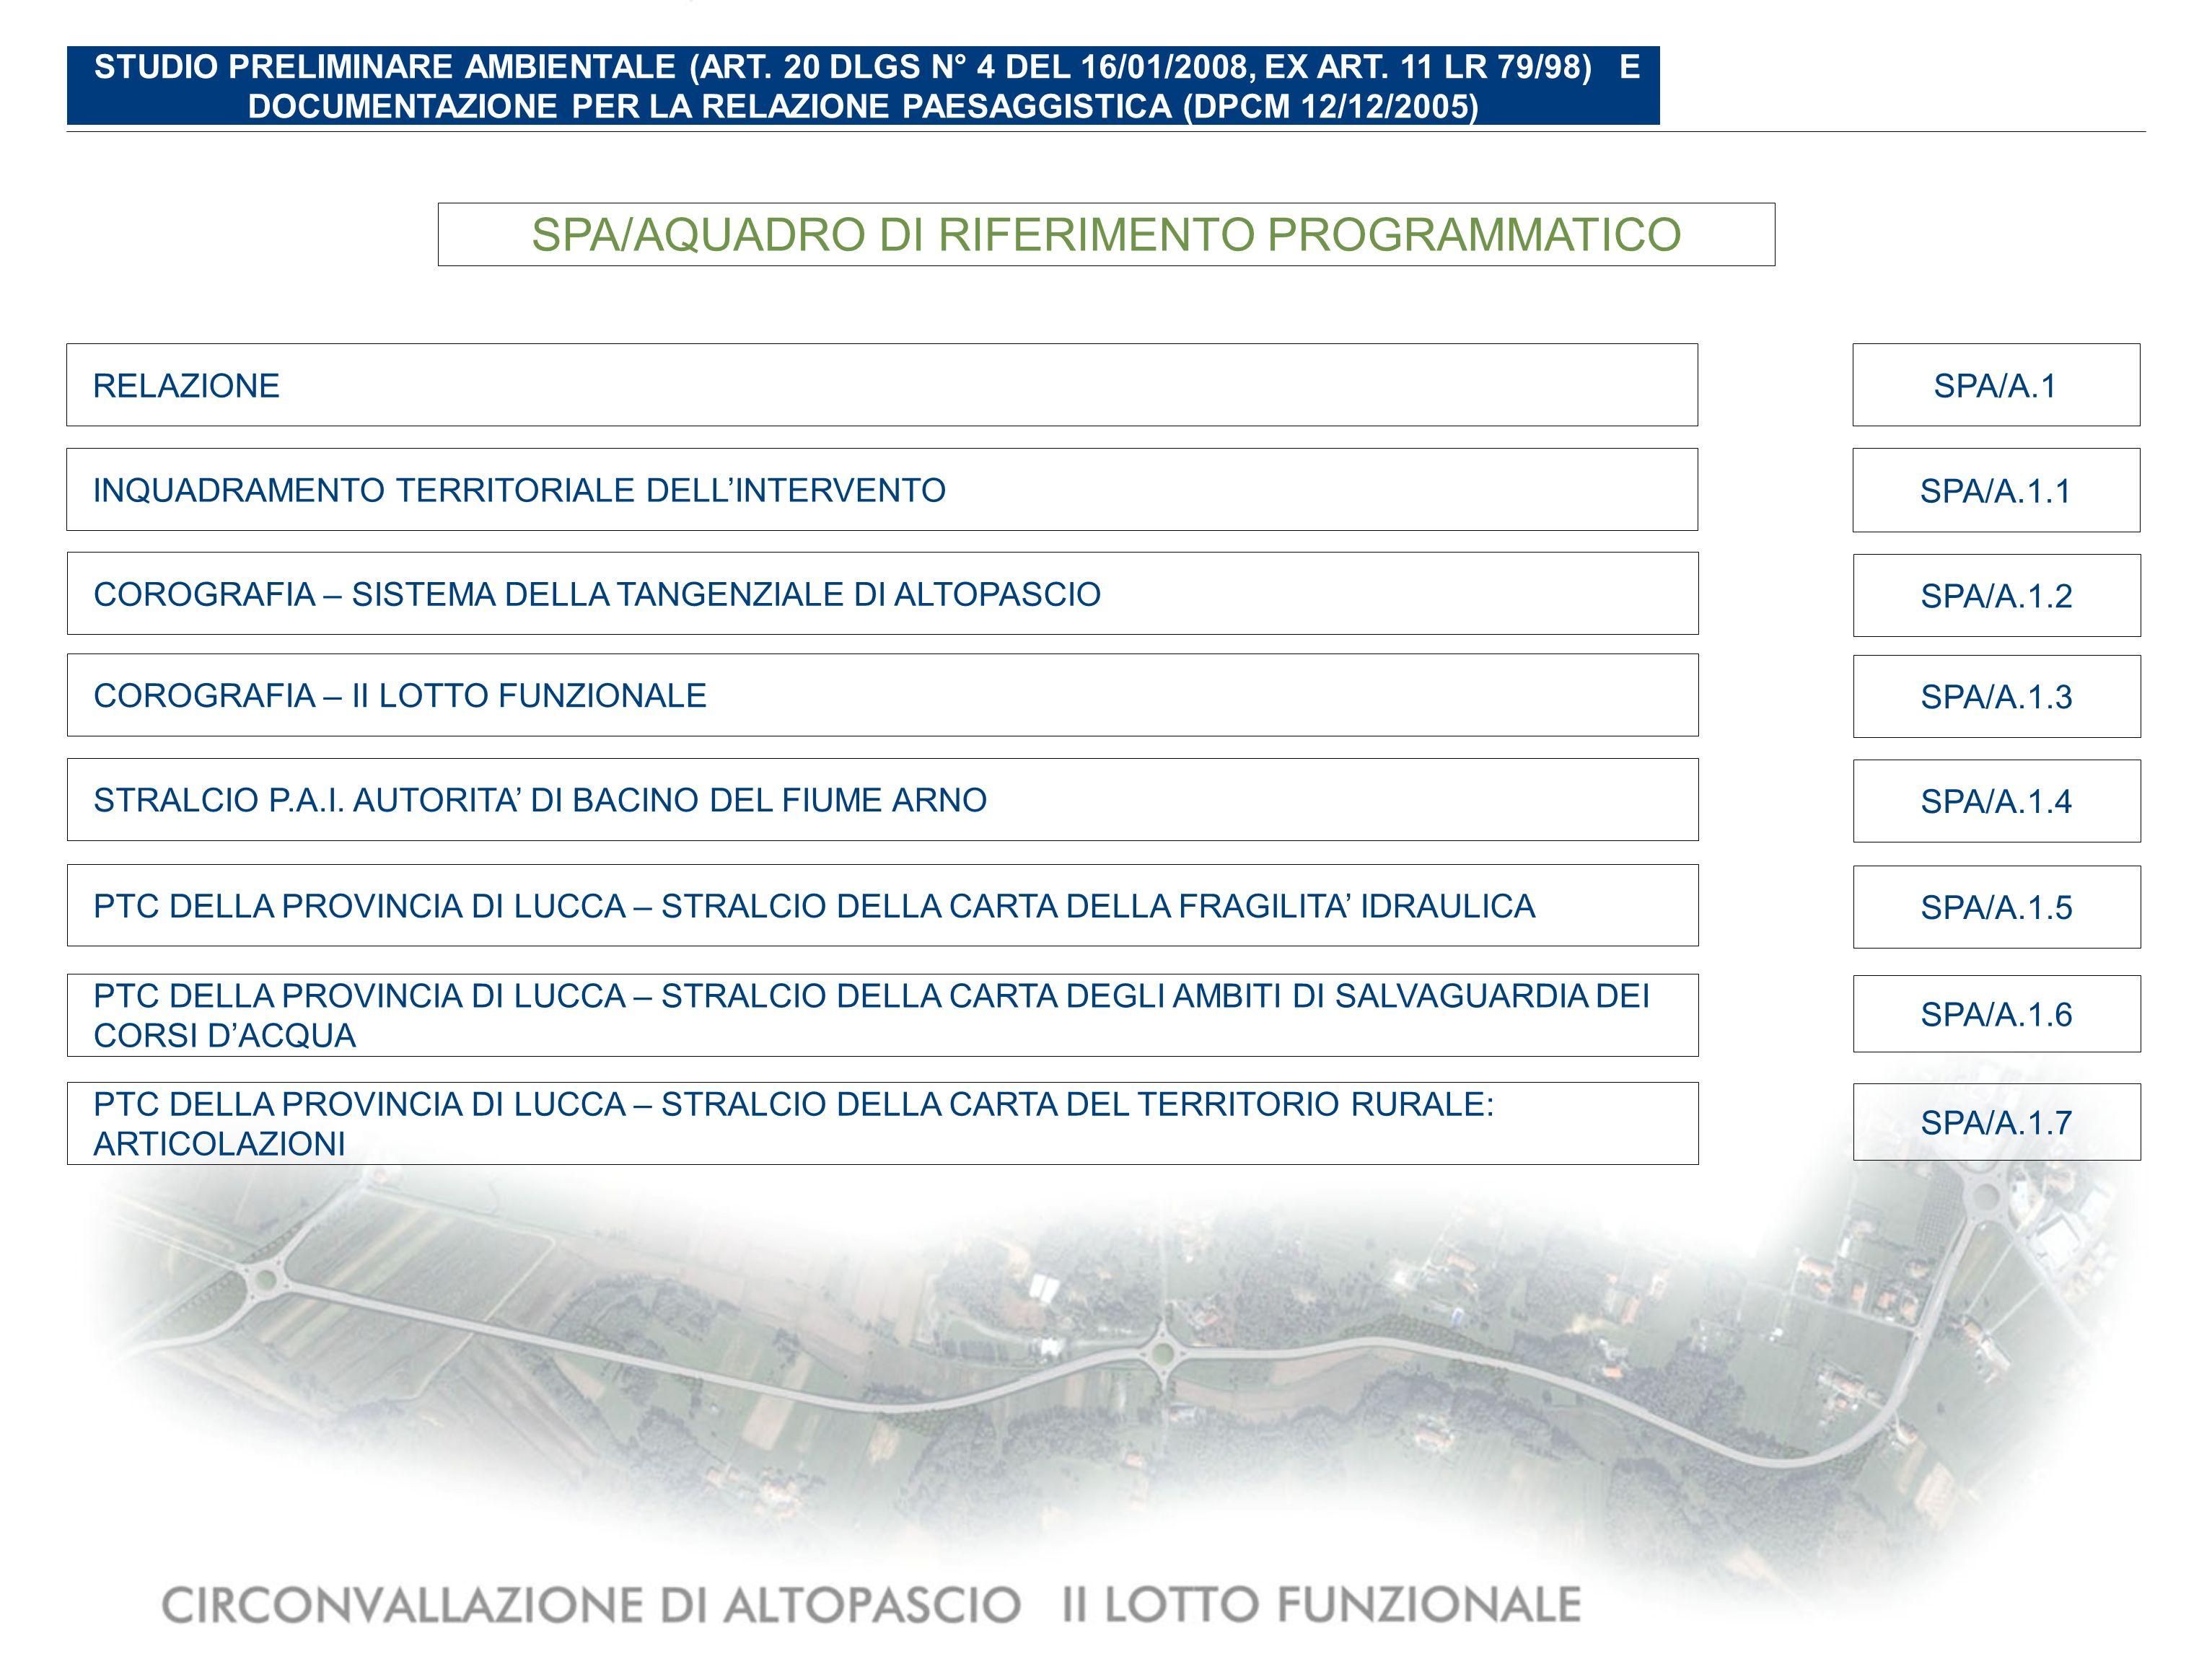 SINTESI DELLA RICETTIVITA DEL SISTEMA NATURALE E DELLA STRUTTURA INSEDIATIVA RISPETTO A NUOVE INFRASTRUTTURE STRADALI ALL.1/3.8 RICETTIVITA DEL PAESAGGIO RISPETTO A NUOVE INFRASTRUTTURE STRADALI ALL.1/3.7 ALLEGATO 2 – STUDIO TRASPORTISTICO RELAZIONE ALL.2/1 STUDIO PRELIMINARE AMBIENTALE (ART.